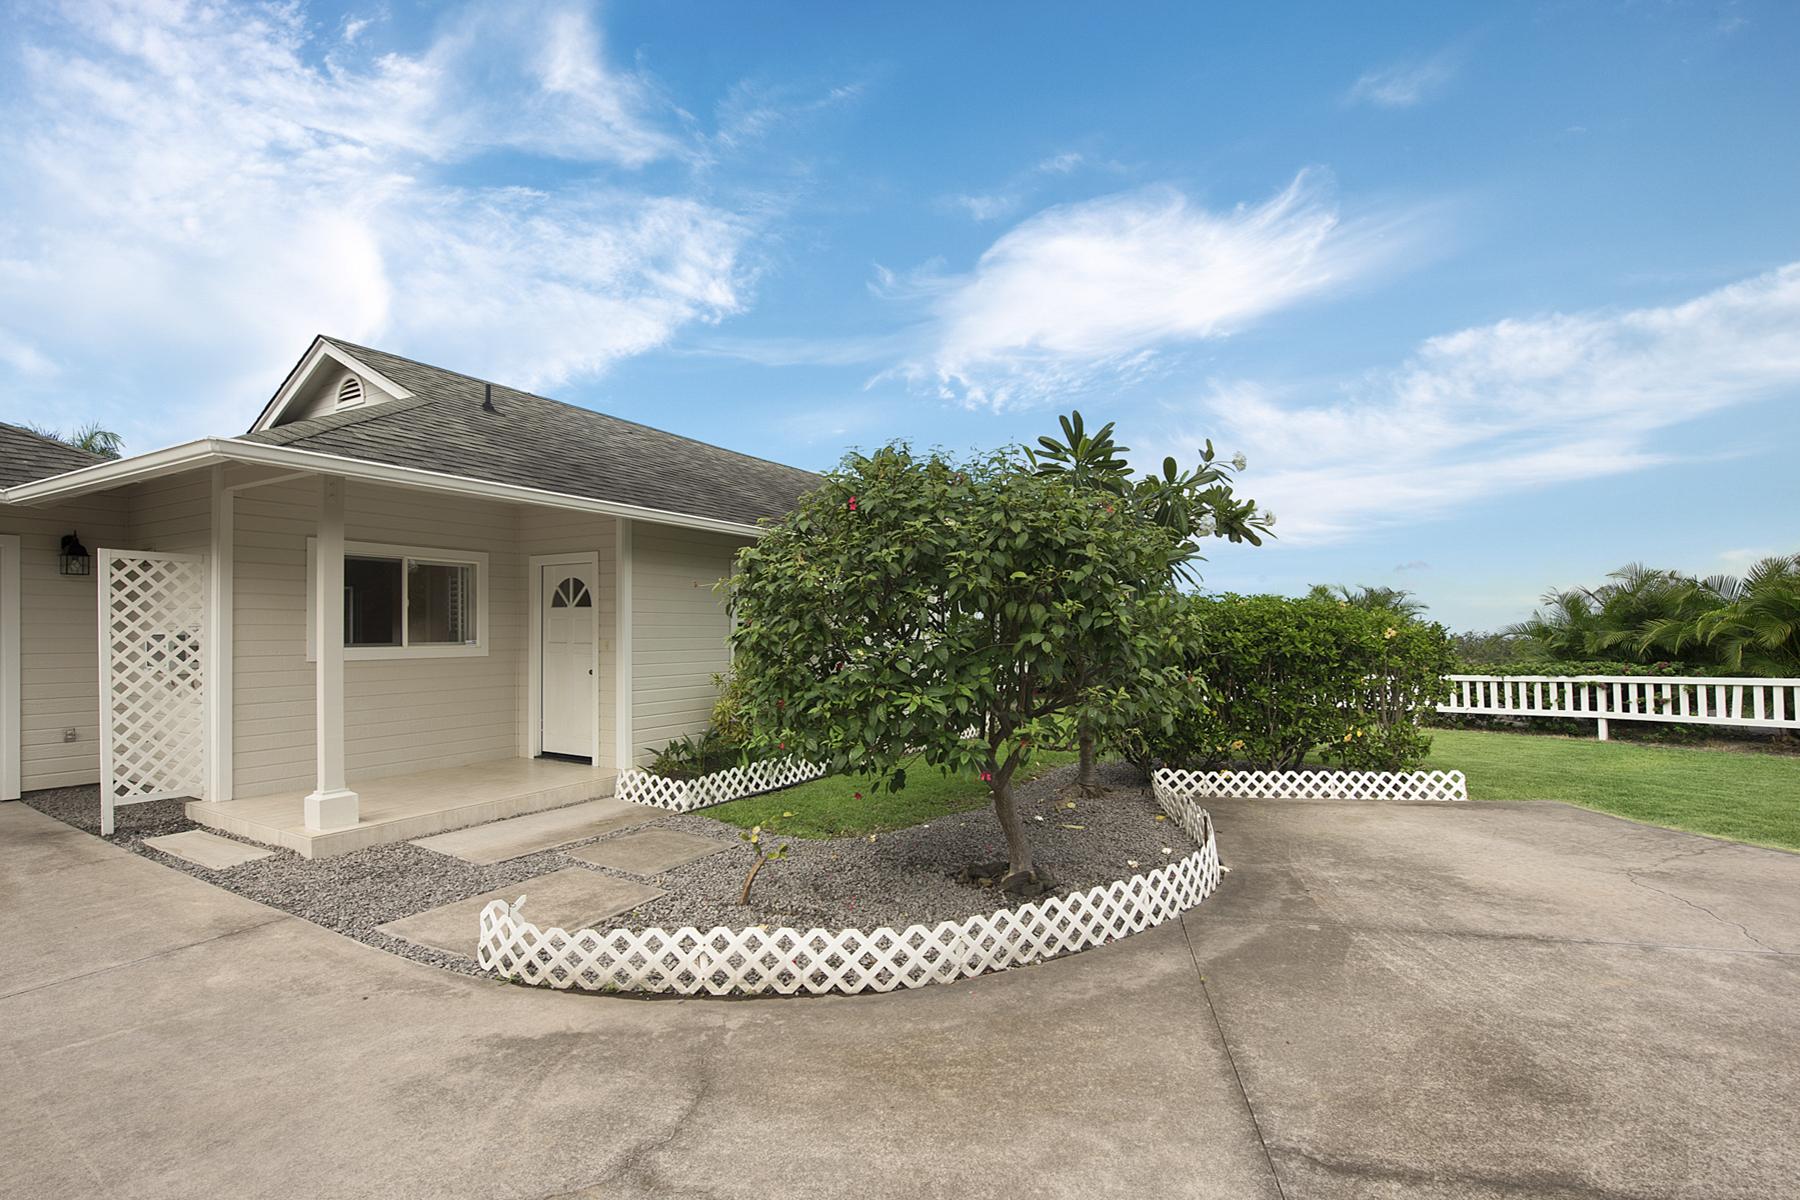 Tek Ailelik Ev için Satış at Kealoha 75-308 W. Kakalina Pl Kailua-Kona, Hawaii, 96740 Amerika Birleşik Devletleri